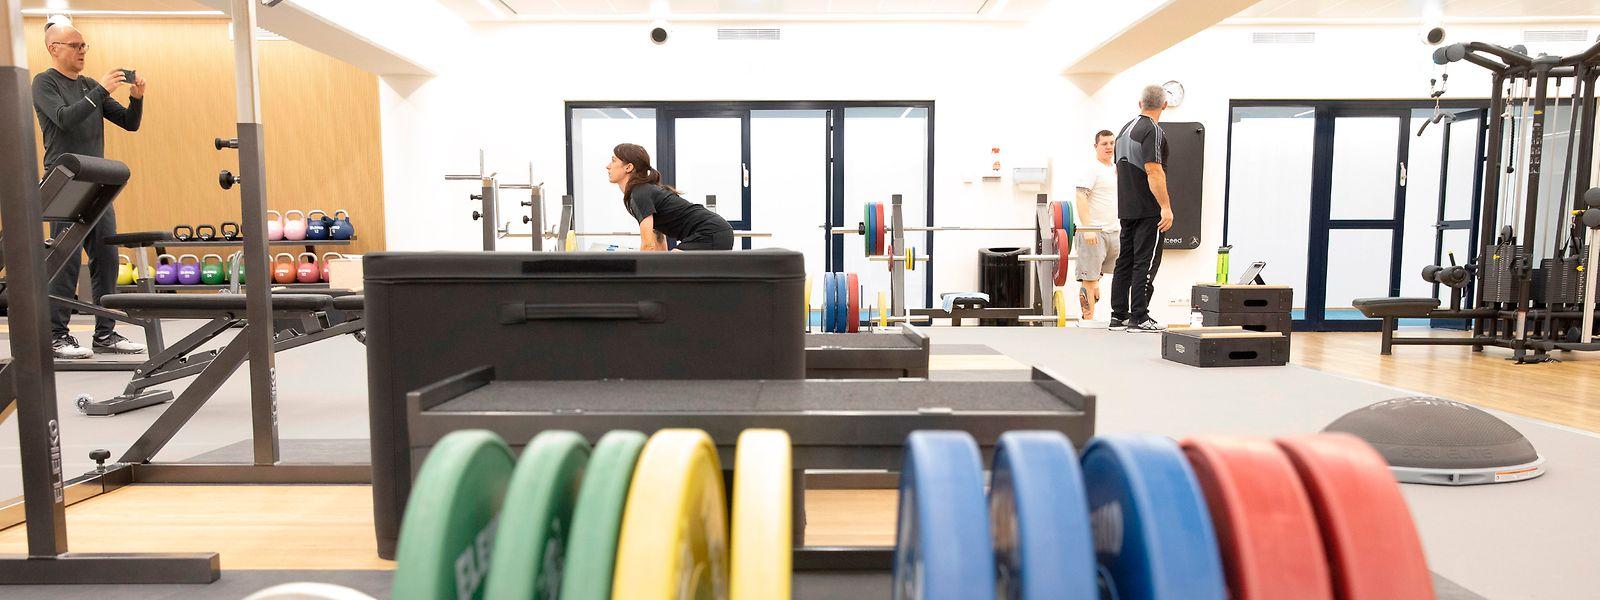 Das High Performance Training & Recovery Center in der Coque ist ein wichtiger Bestandteil des LIHPS.